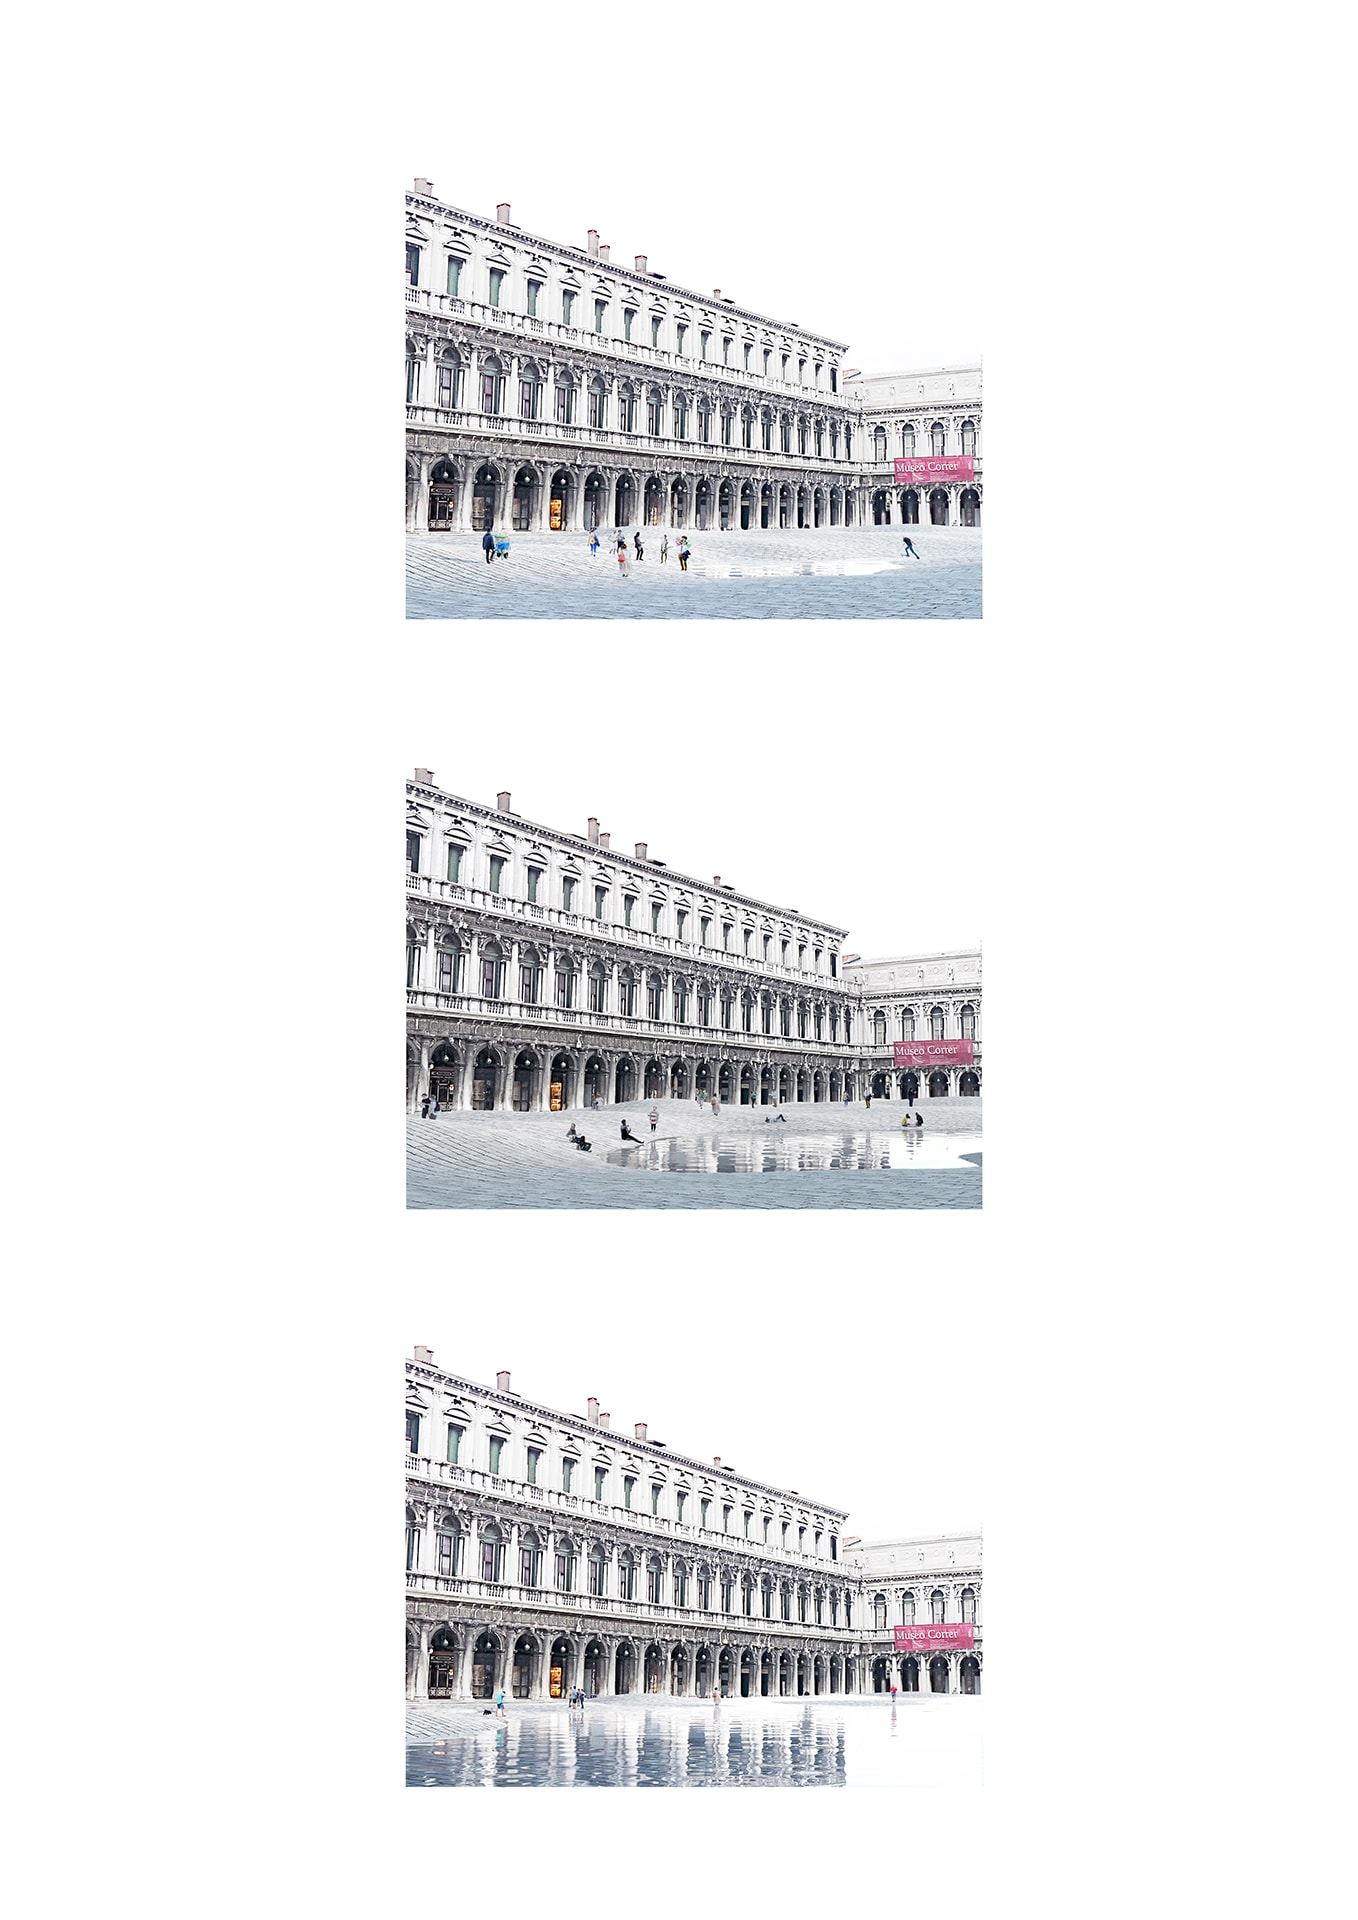 AcquaAlta_BarbaraStallone_architect_SouFujimotoArchitects_06